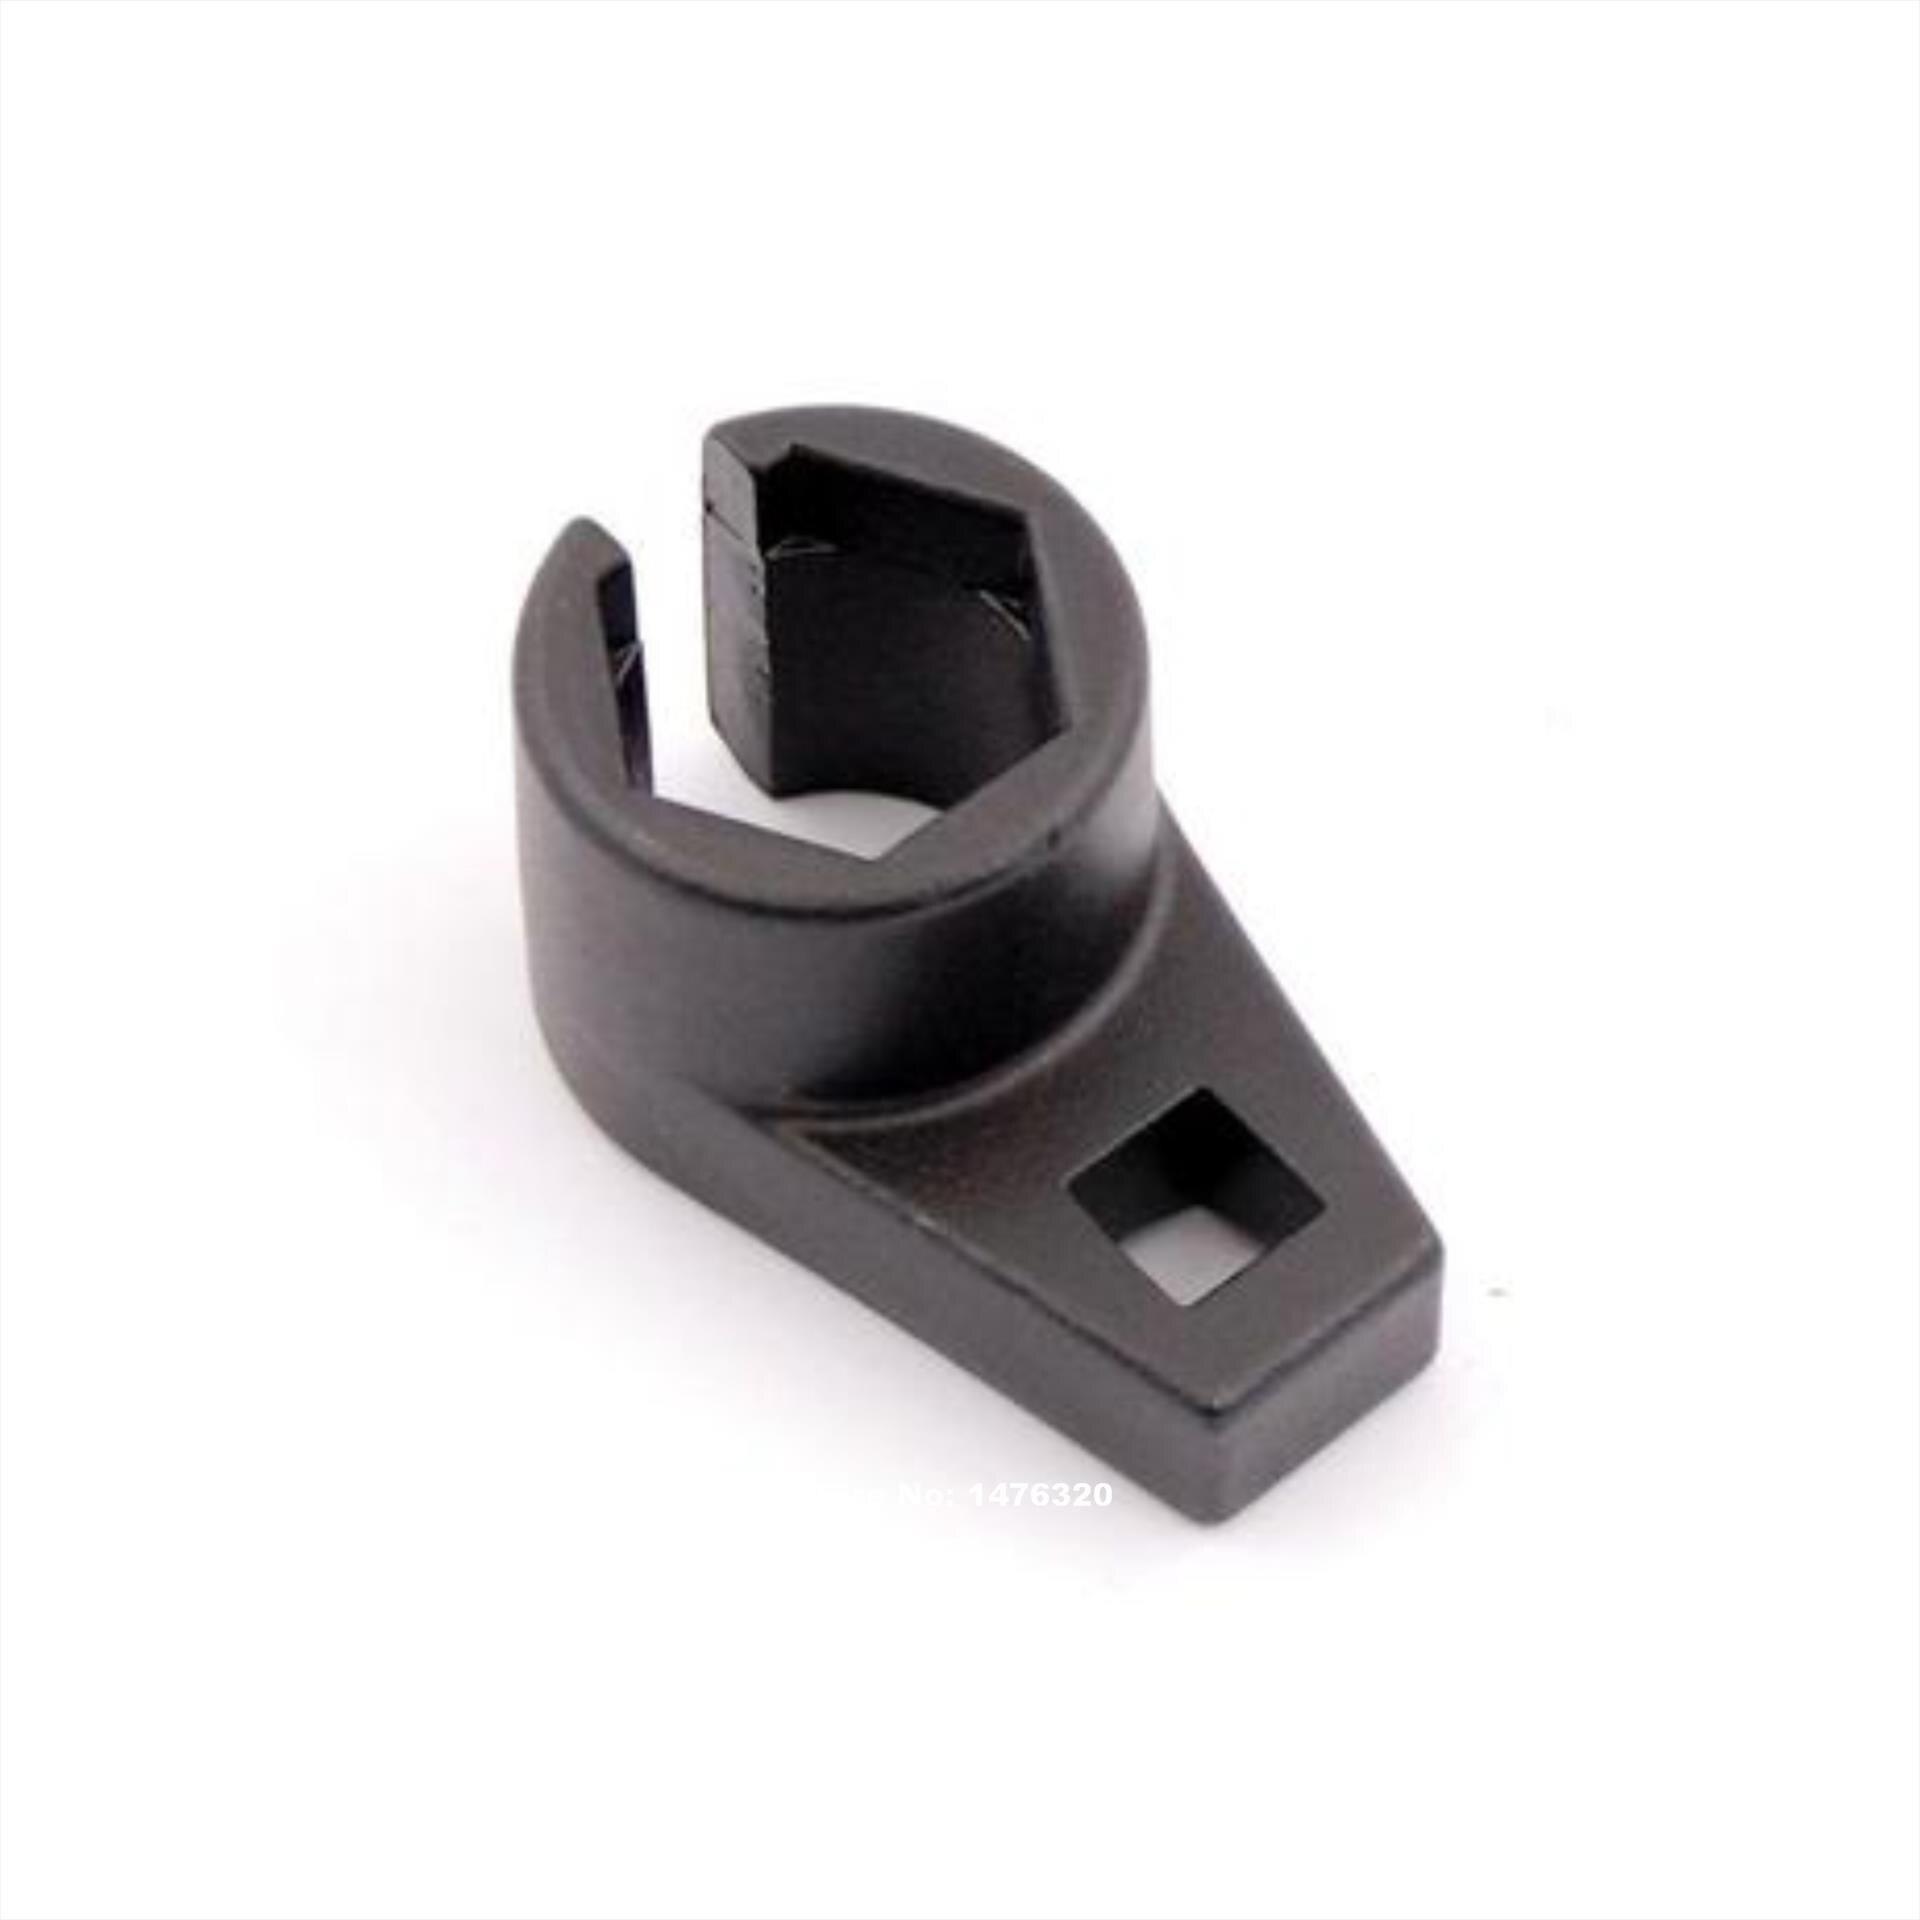 US $6 99 |Universal Car Repair 22mm 3/8